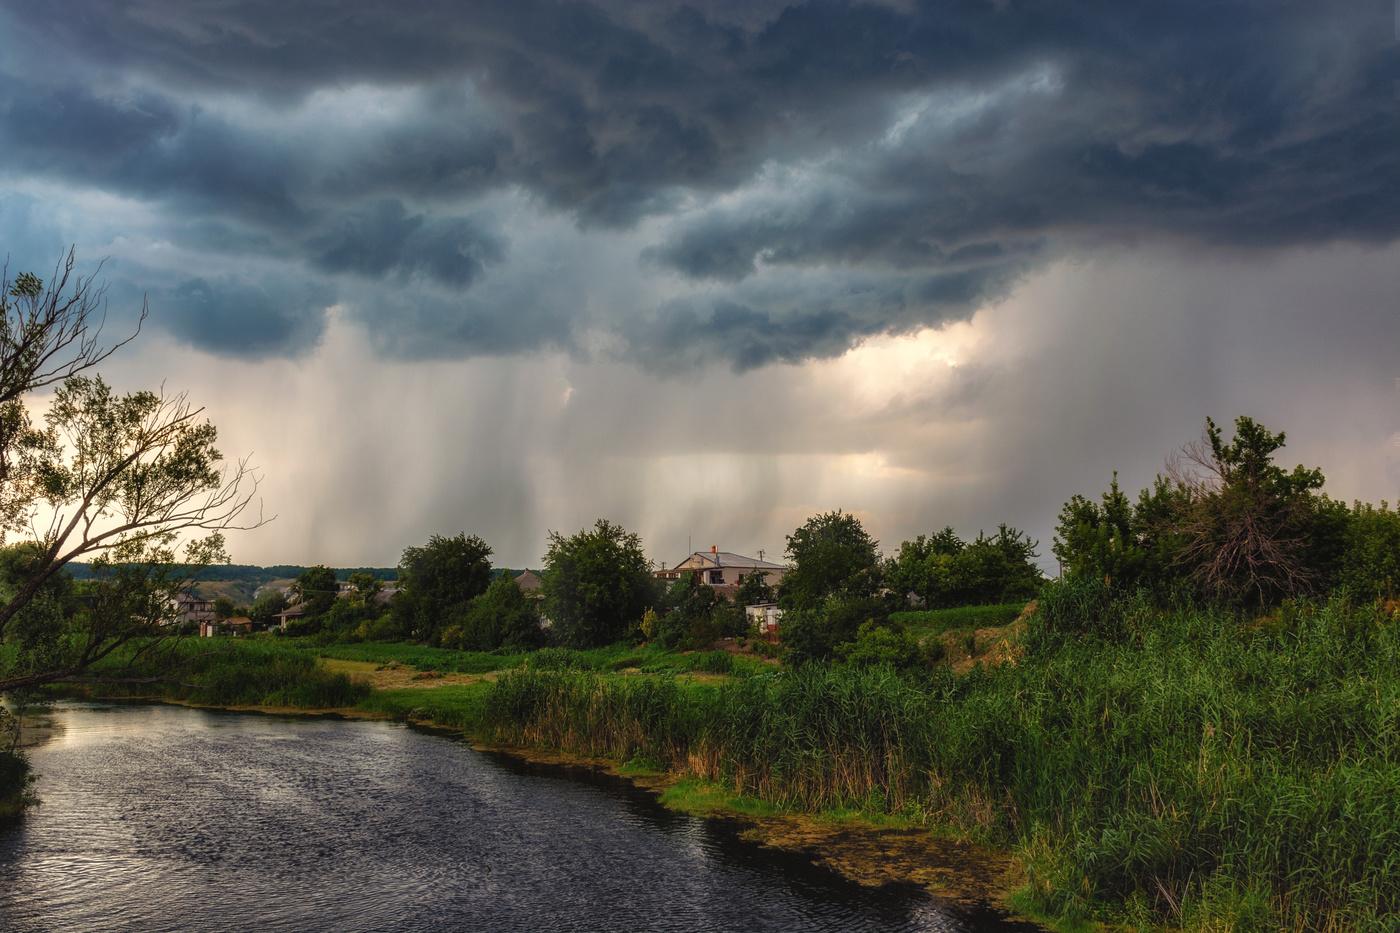 Жителям Брянщины обещают дождь с грозой и 32-градусную жару в субботу 17 июля